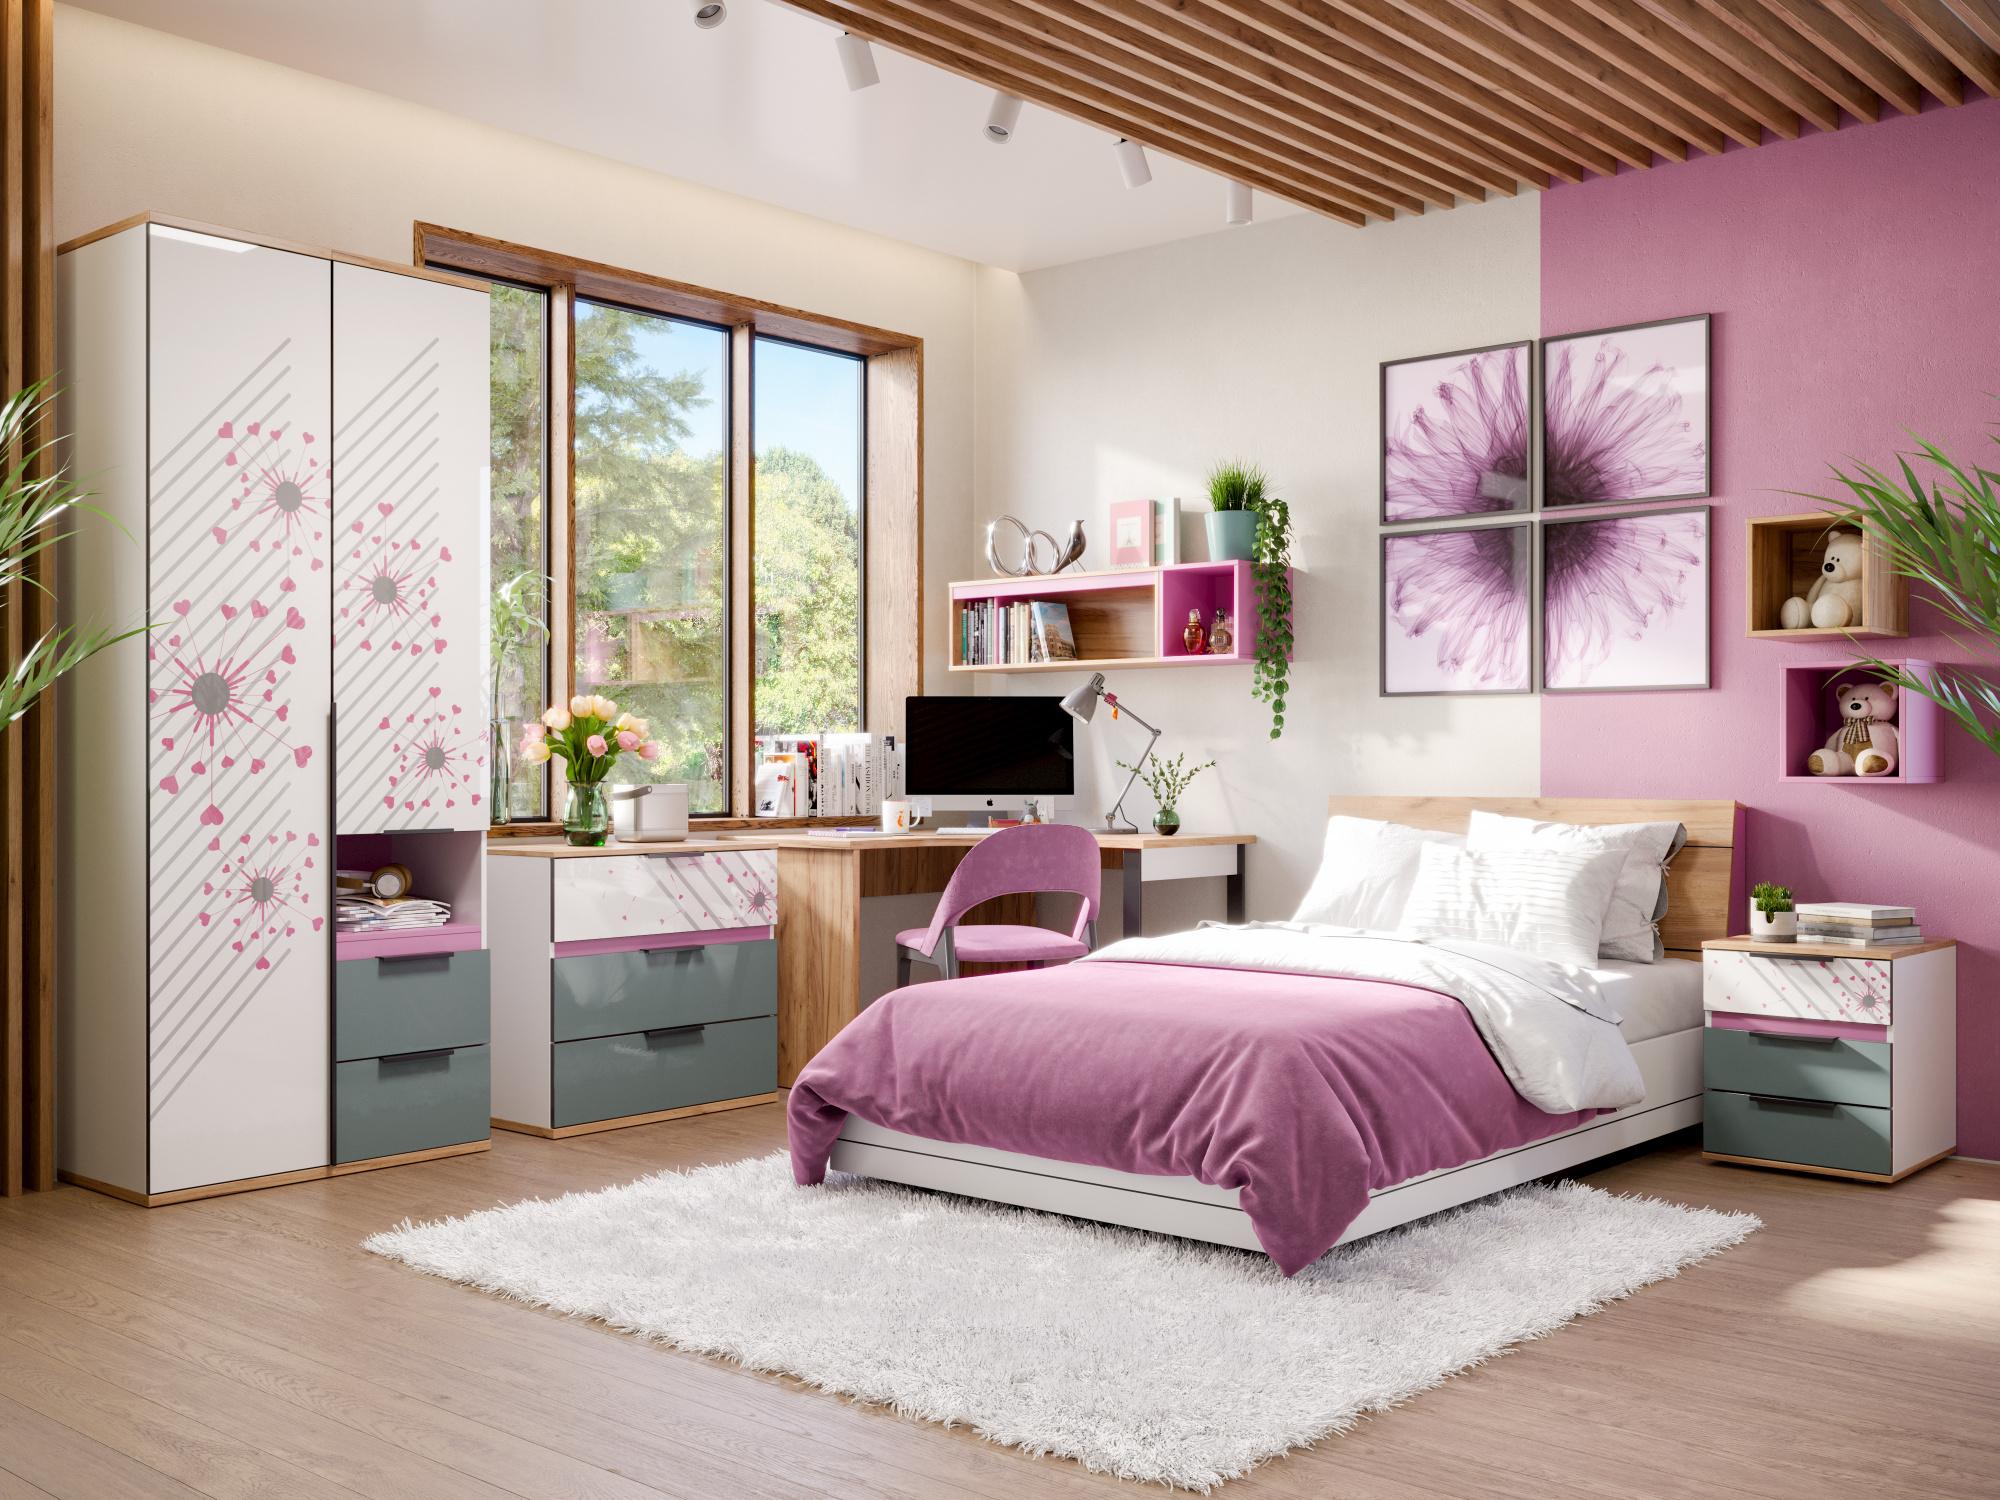 Schönes Mädchenzimmer in Weiß, Grau und Rosa bestehend aus Schrank, Kommode, Eckschreibtisch, Bett und Nachtisch.